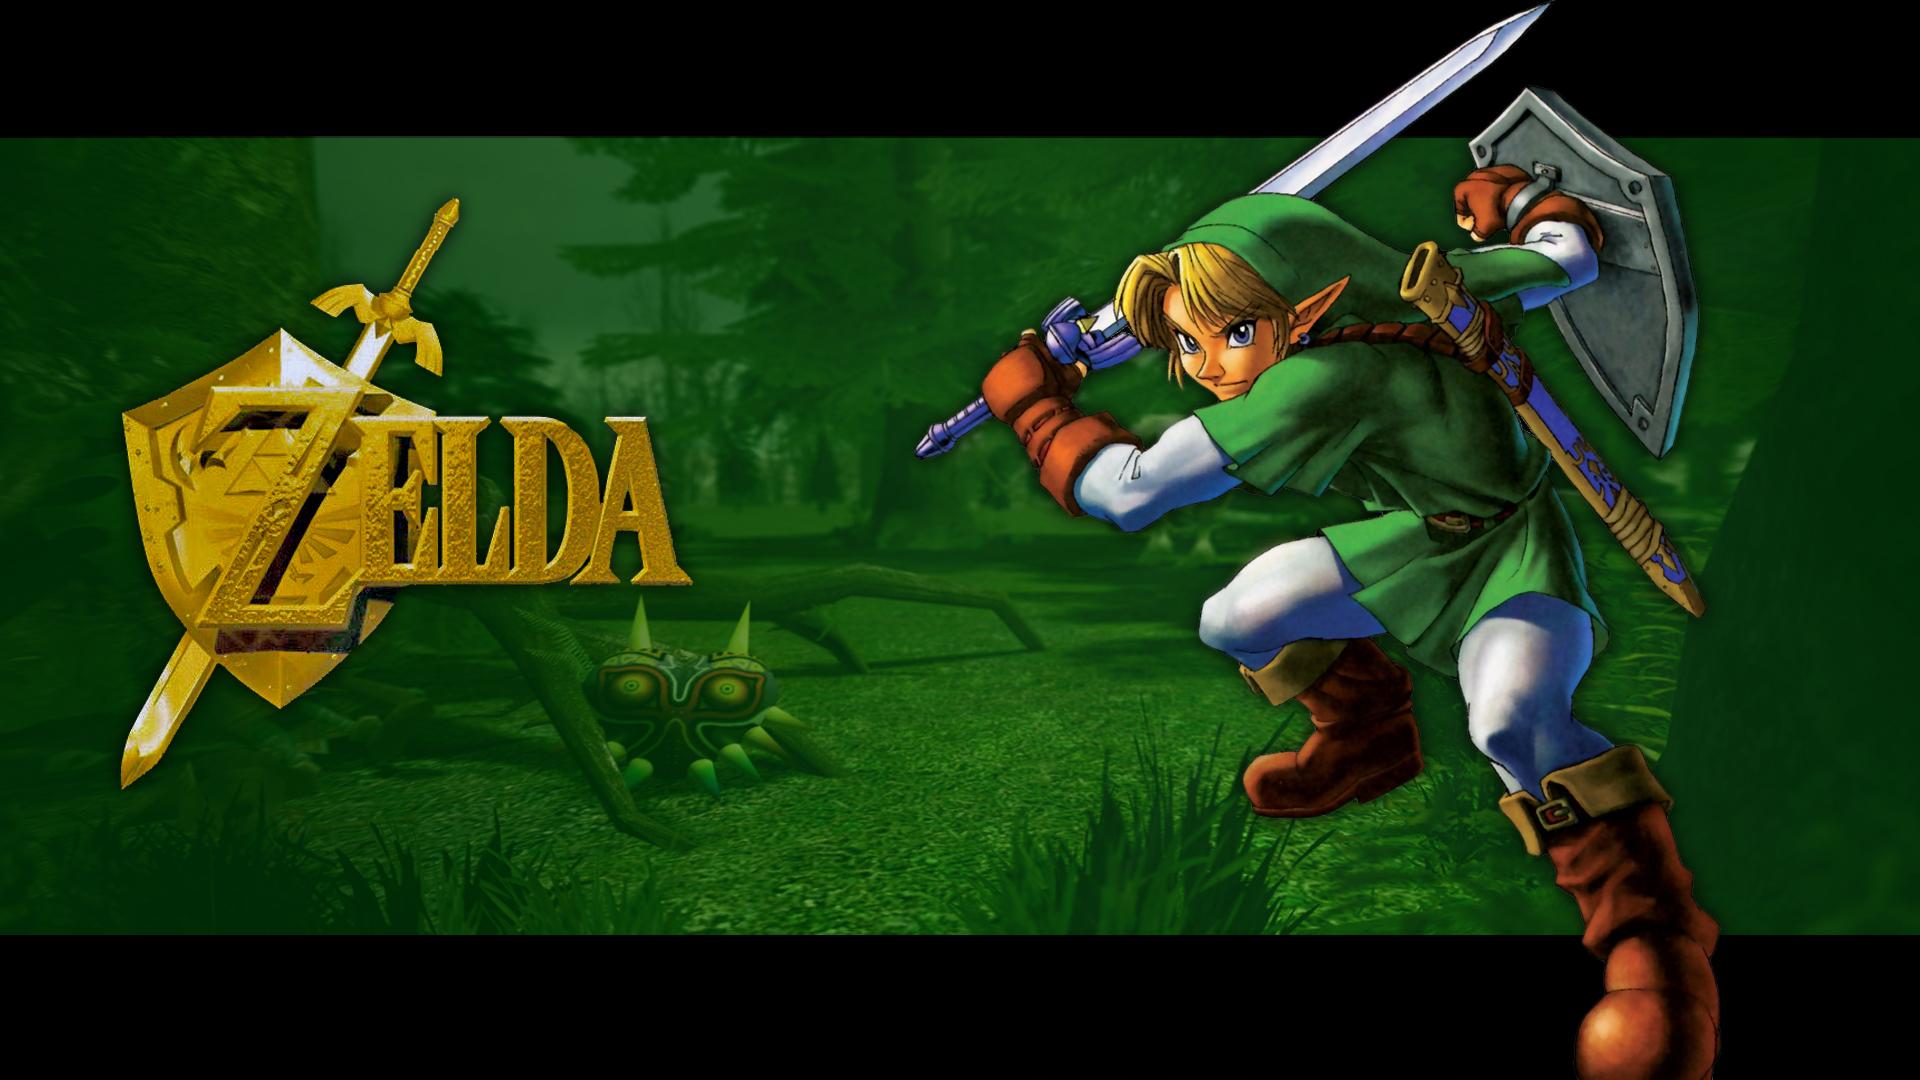 Free Download Games Wallpapers Link Legend Of Zelda 1920x1080